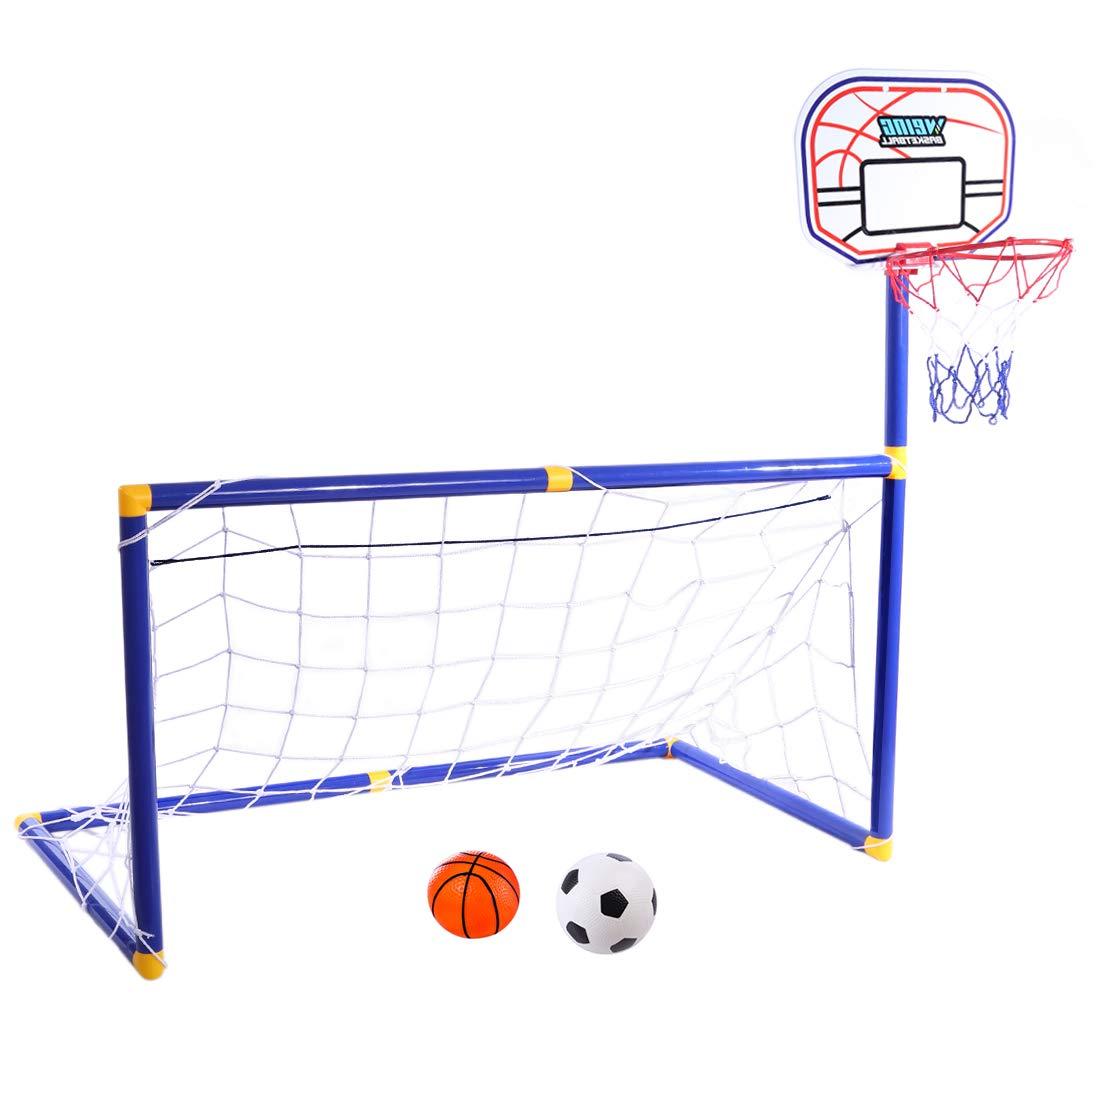 YAKOK porta da calcio bambini, 87* 88* 45cm bambini da calcio e pallacanestro Hoop set per calcio per bambini indoor e outdoor sport, box Package, Blue, Red, 87 * 88 * 45cm